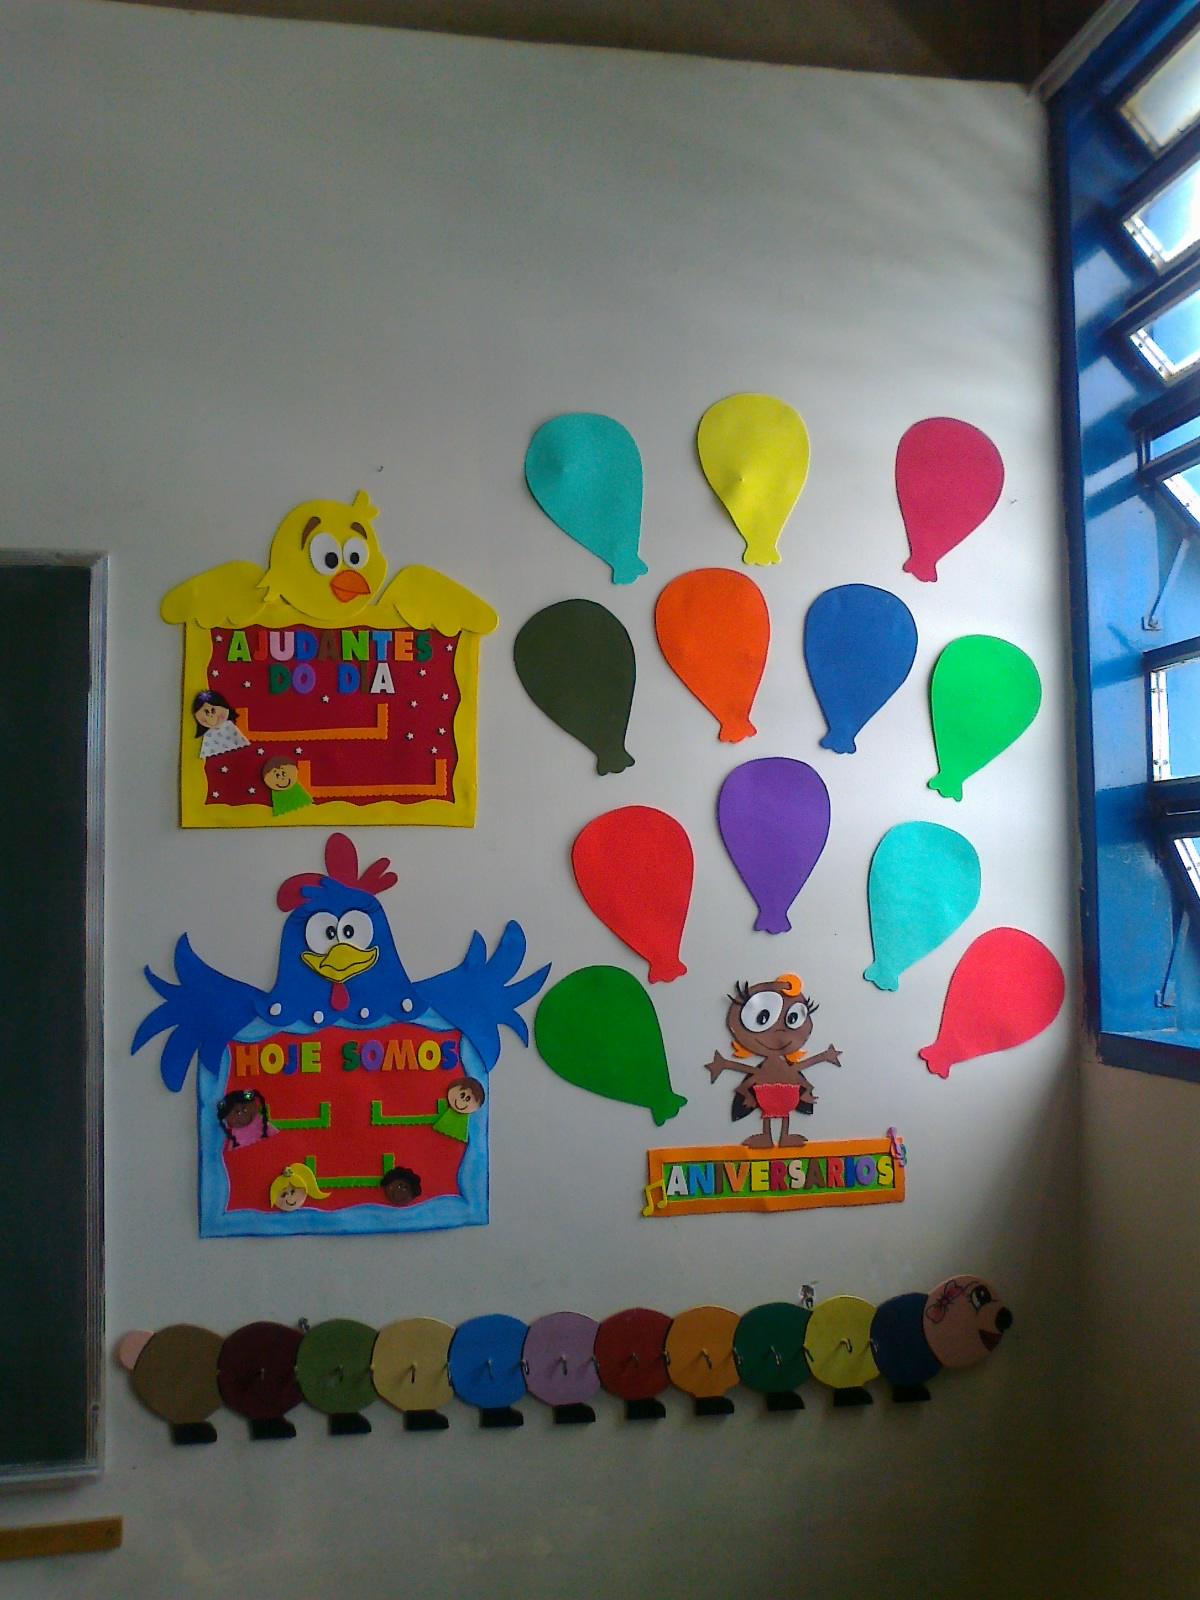 decoracao de sala aula educacao infantil : decoracao de sala aula educacao infantil:ARTES DA ADRIANA: Painel de Sala de aula da Galinha Pintadinha